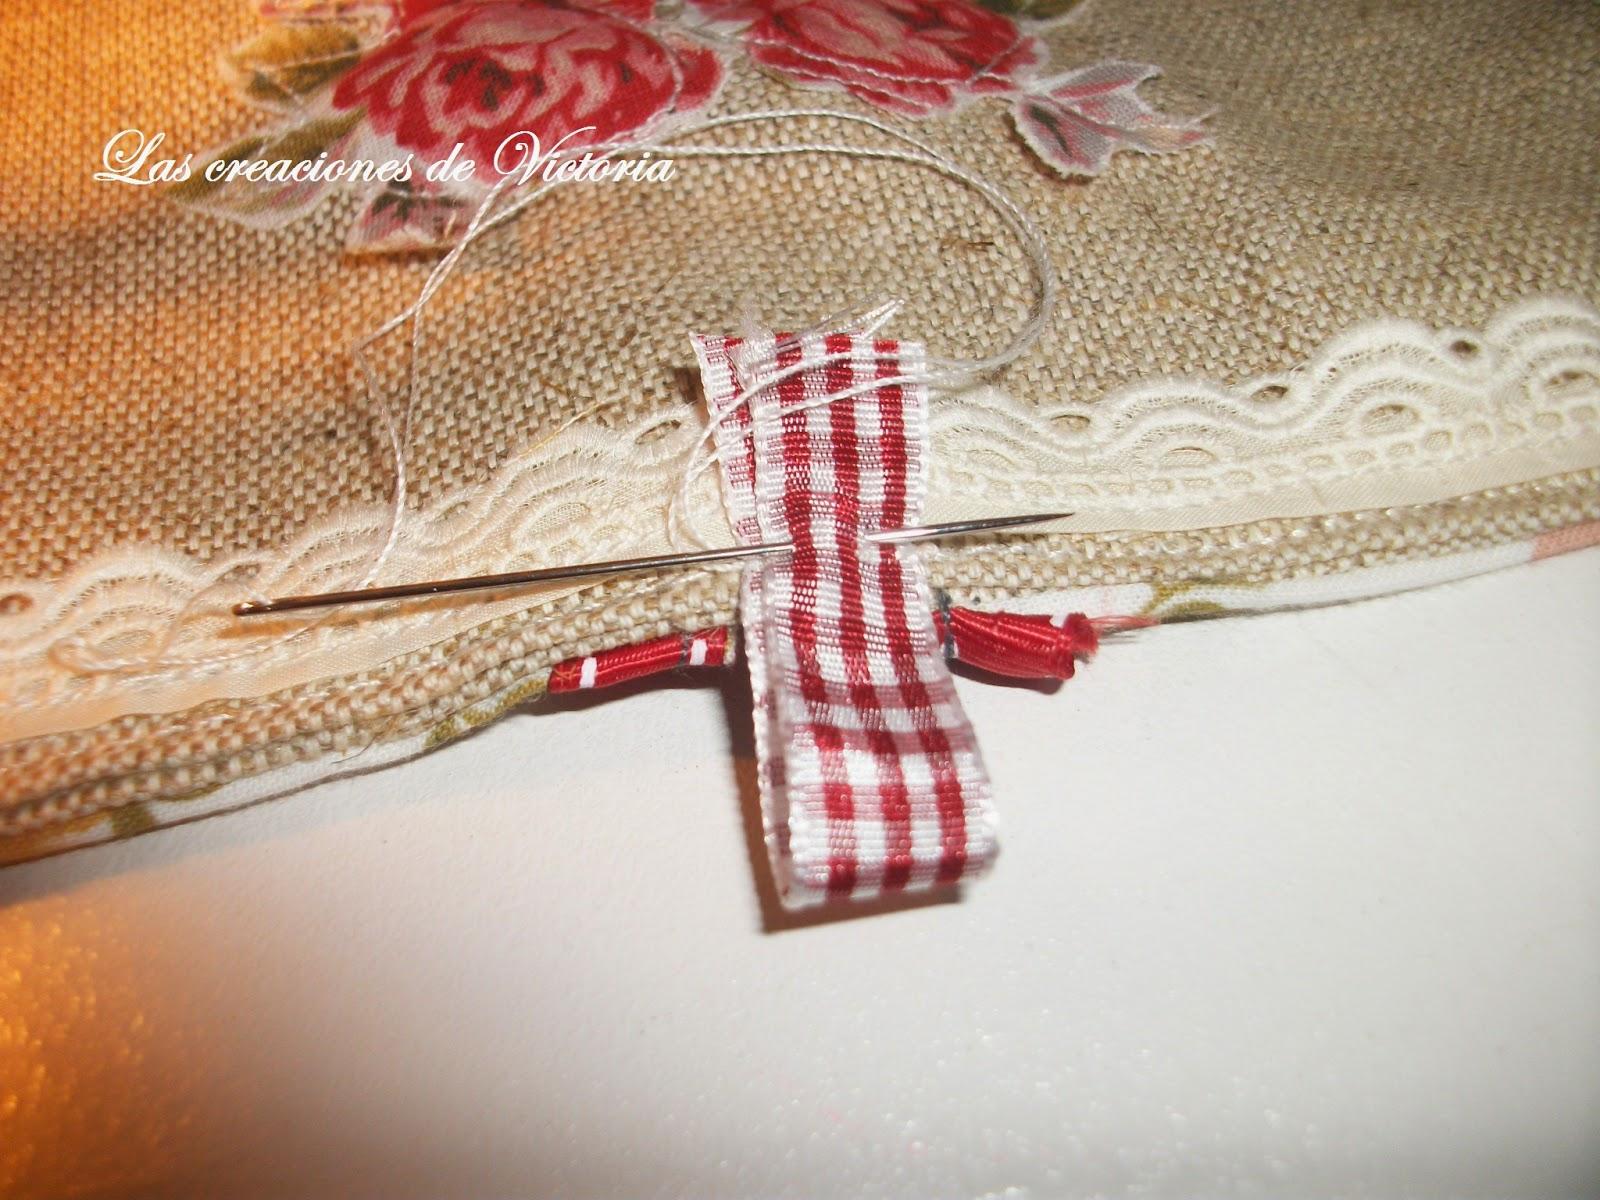 Las creaciones de Victoria. Vintage. Guarda-infusiones de patchwork.